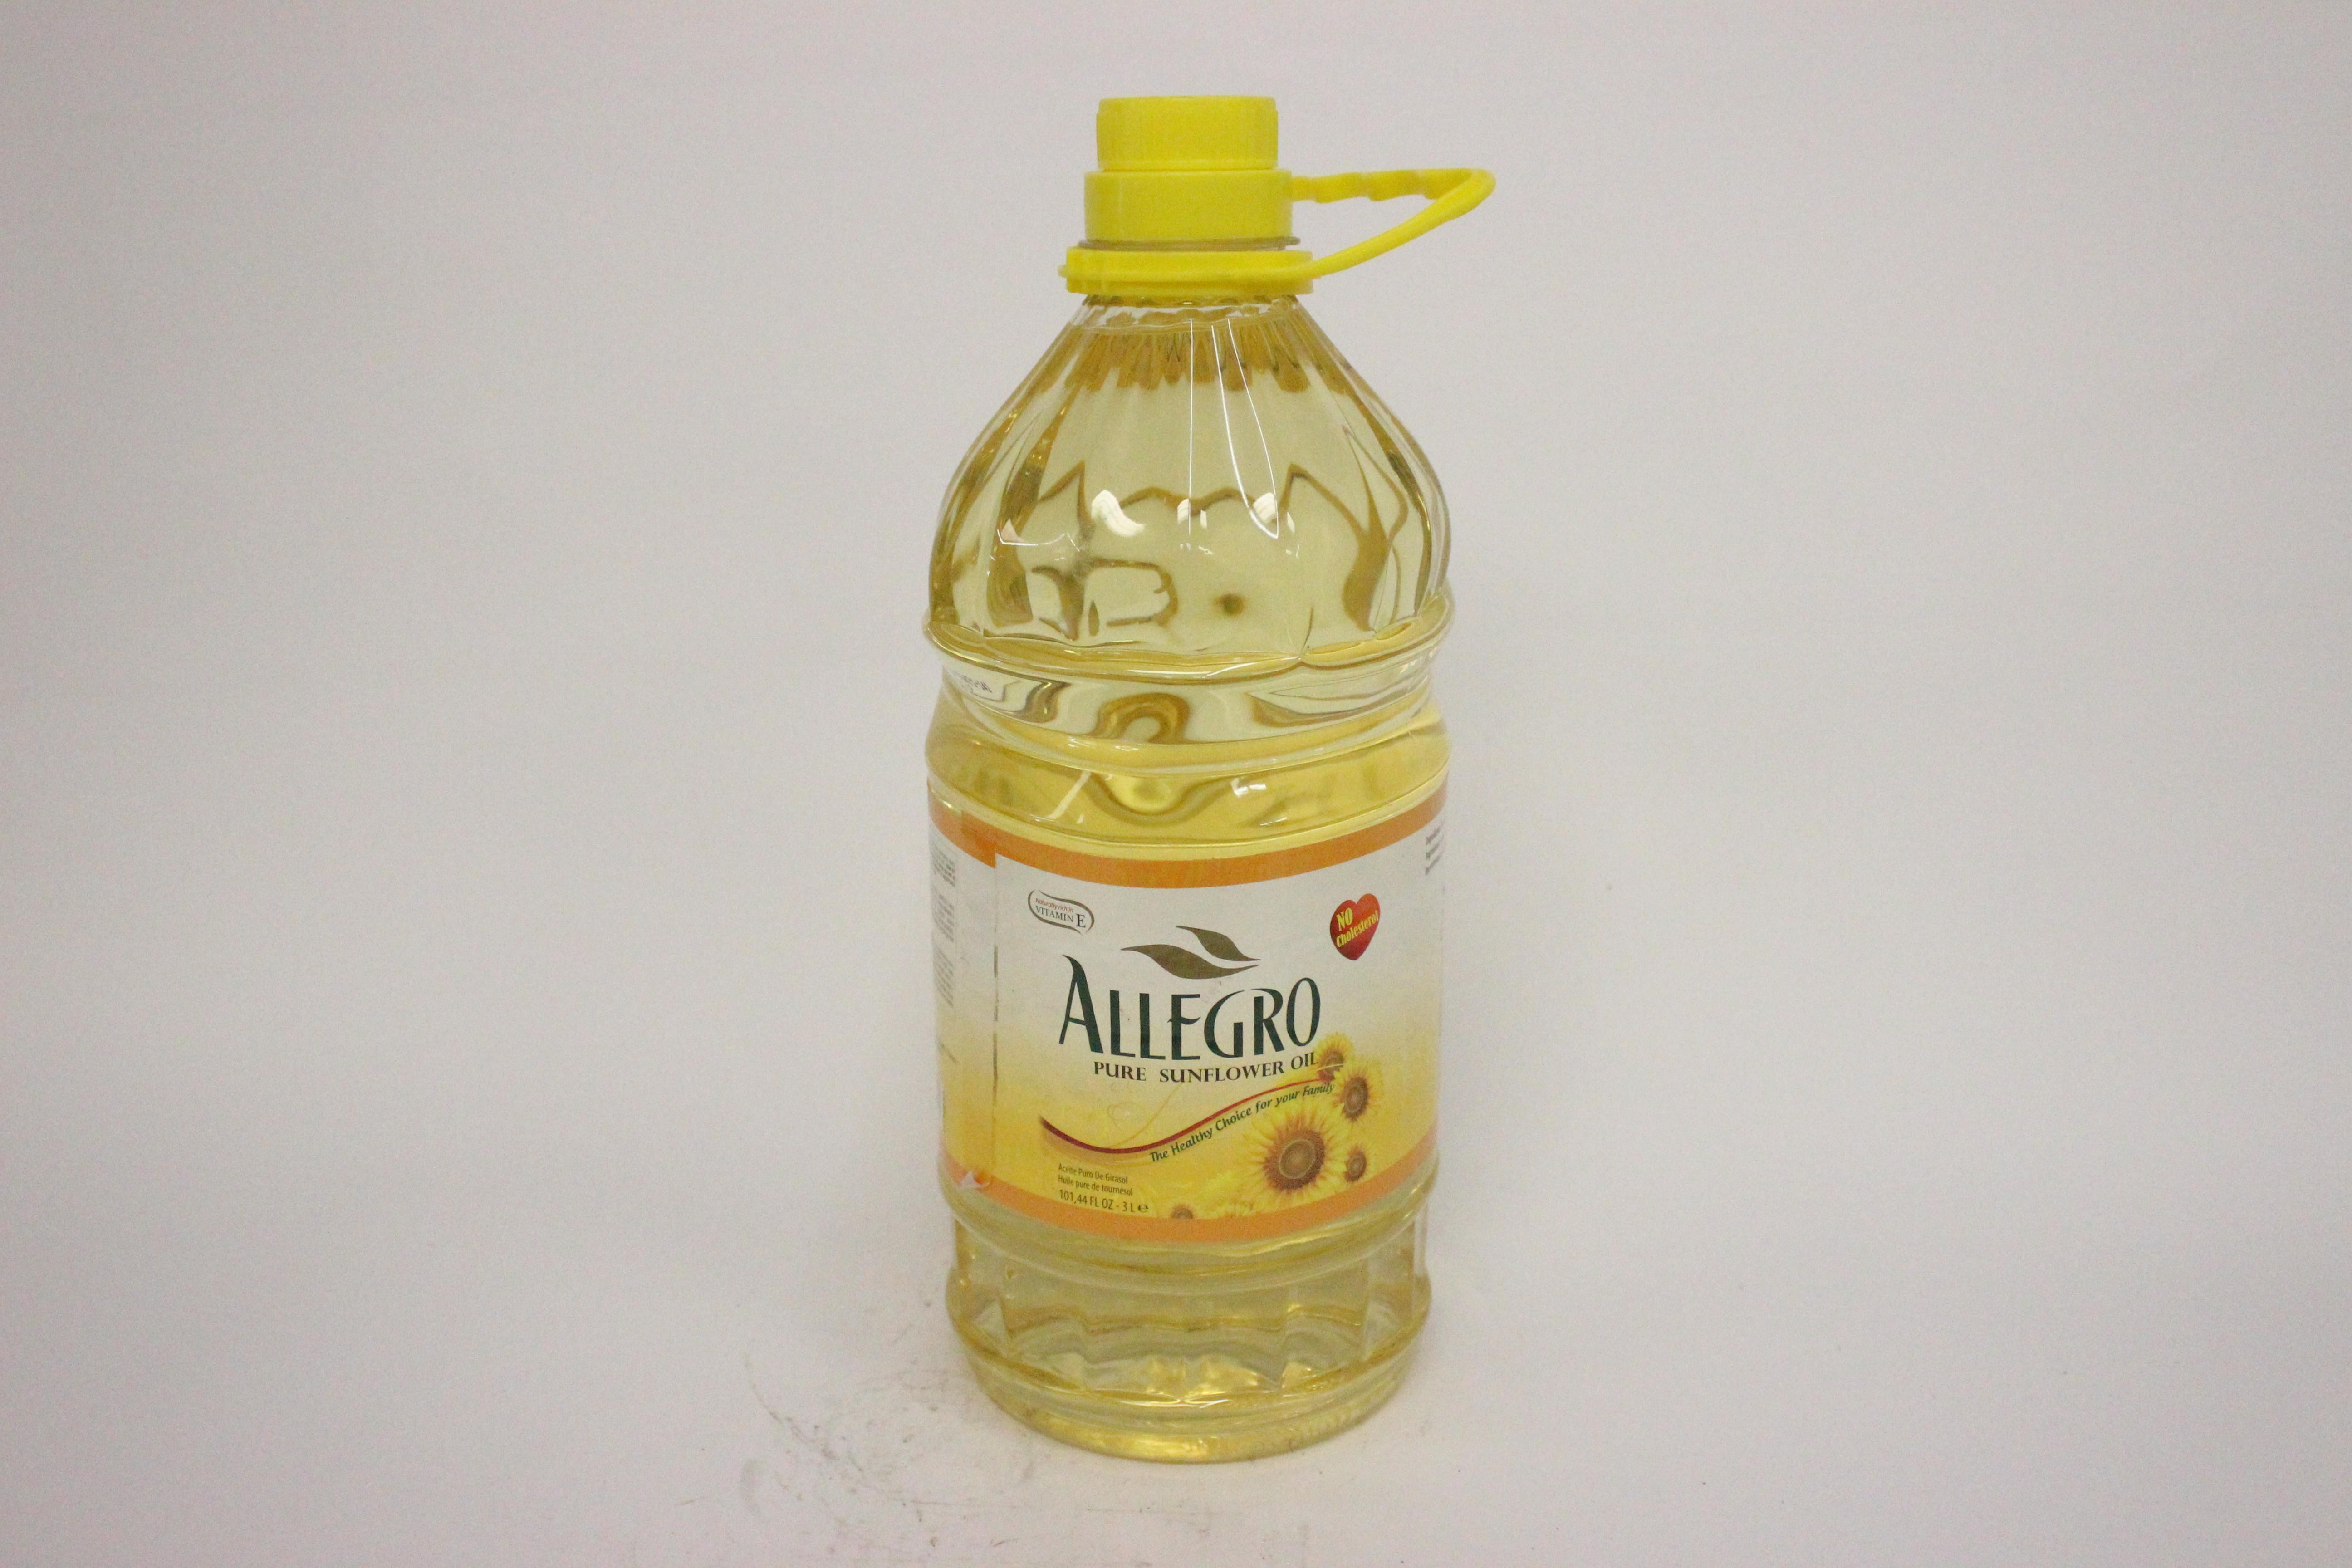 Allegro Pure Sunflower Oil 3 L